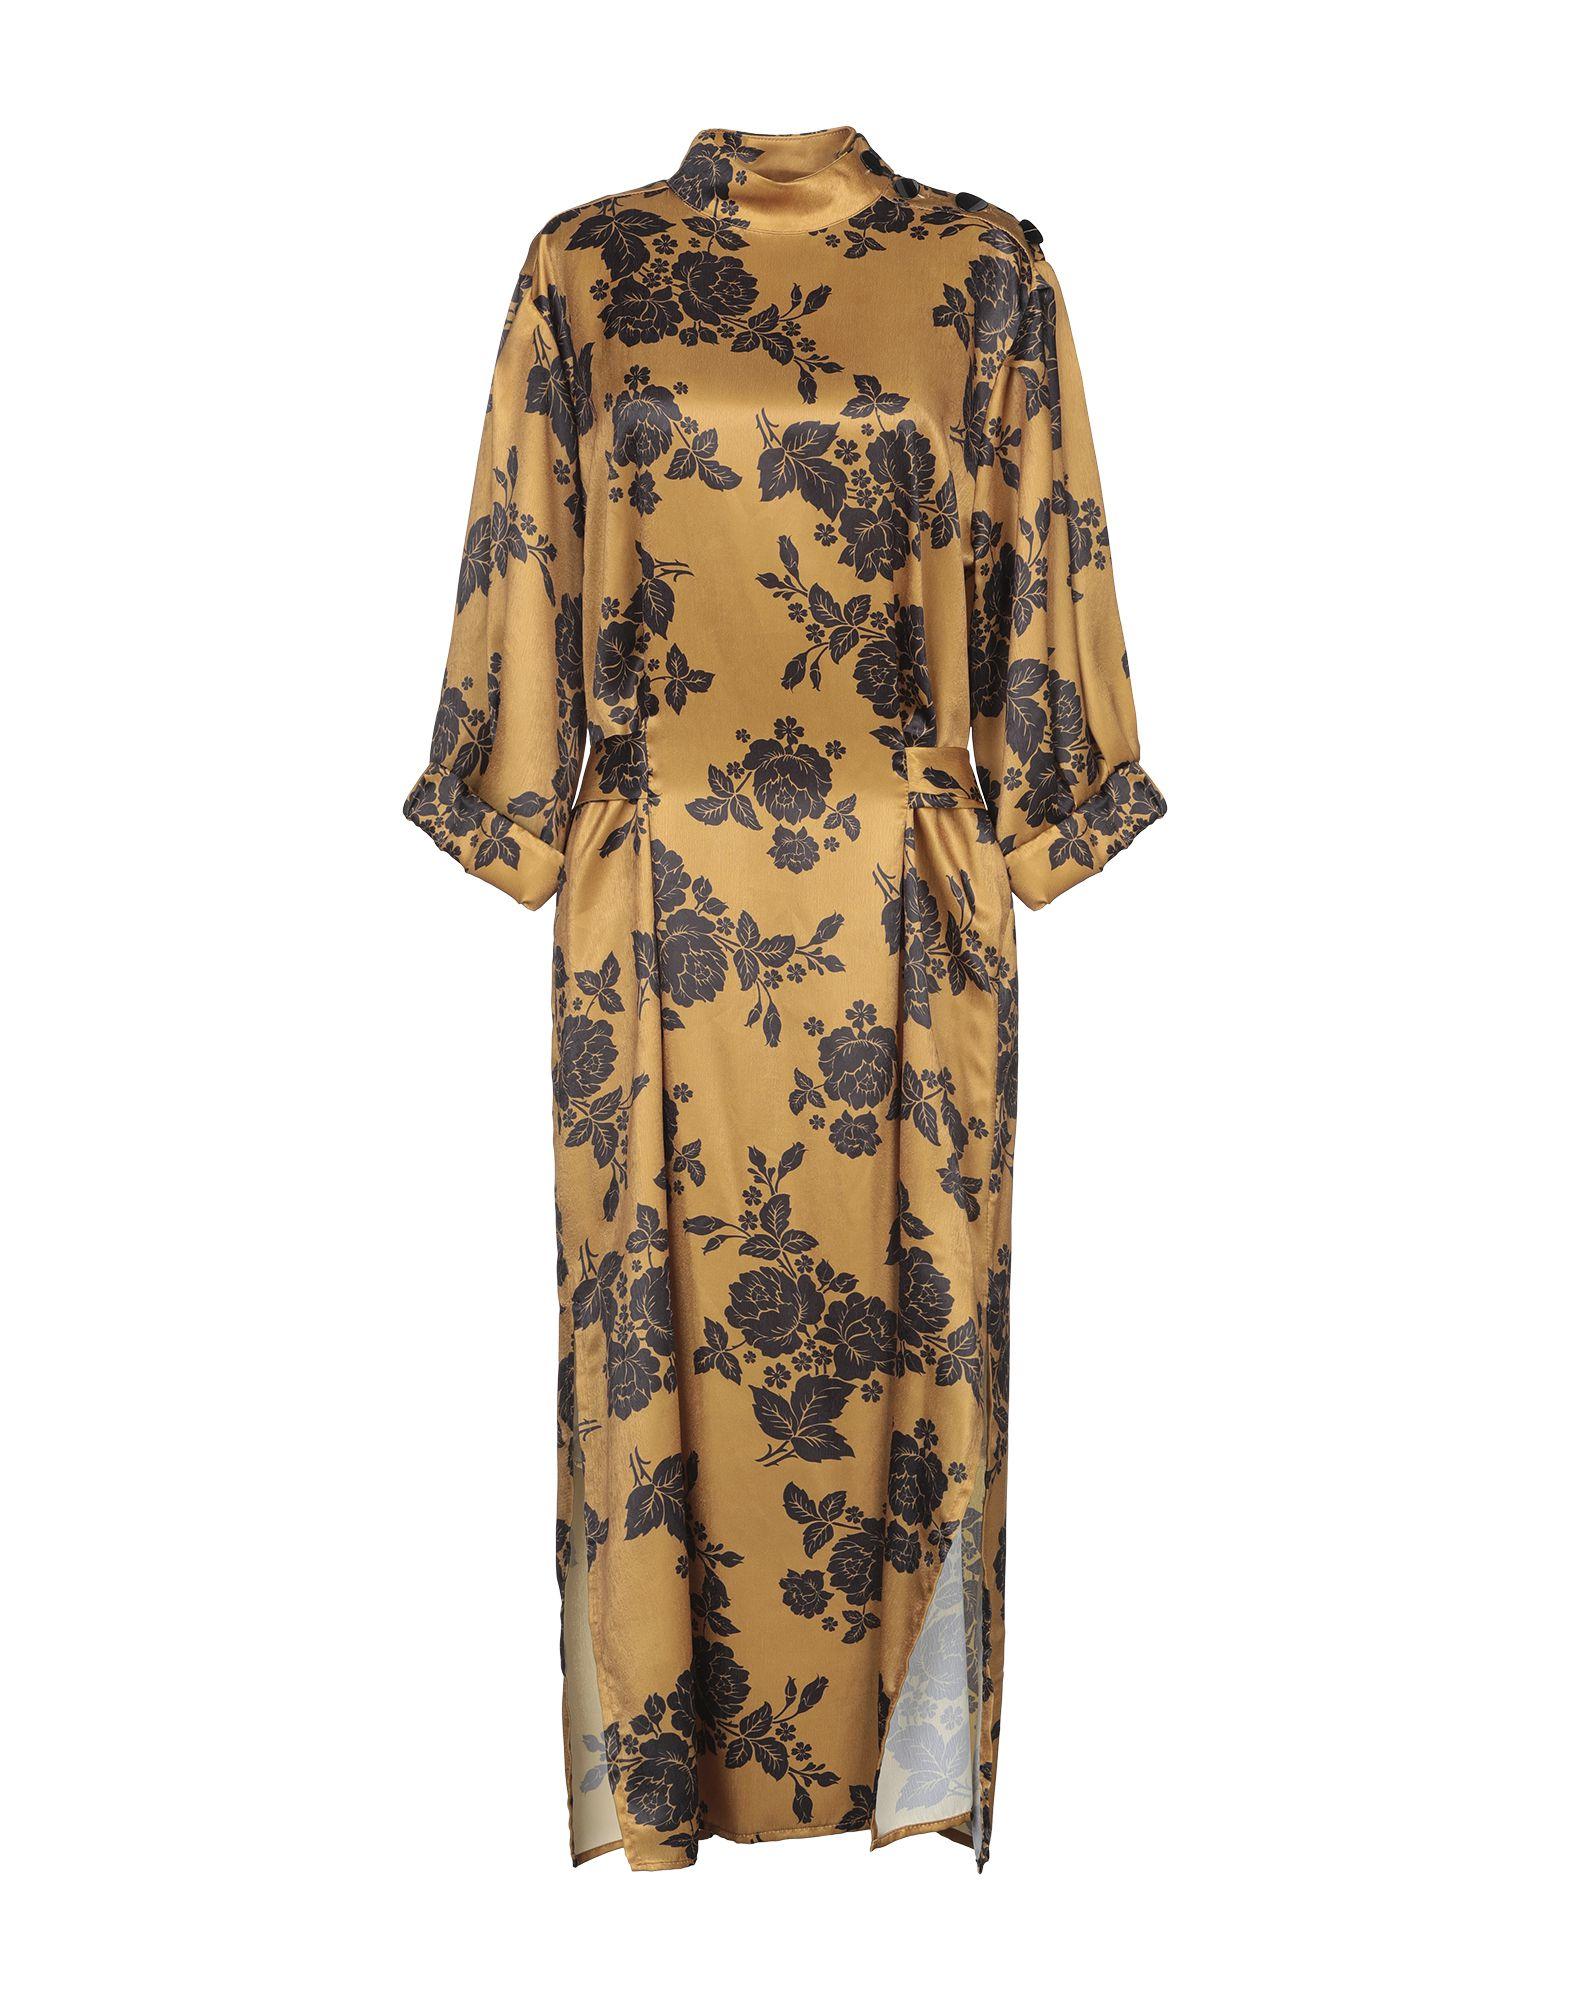 Фото - MICHELA MII Платье длиной 3/4 mii шарф